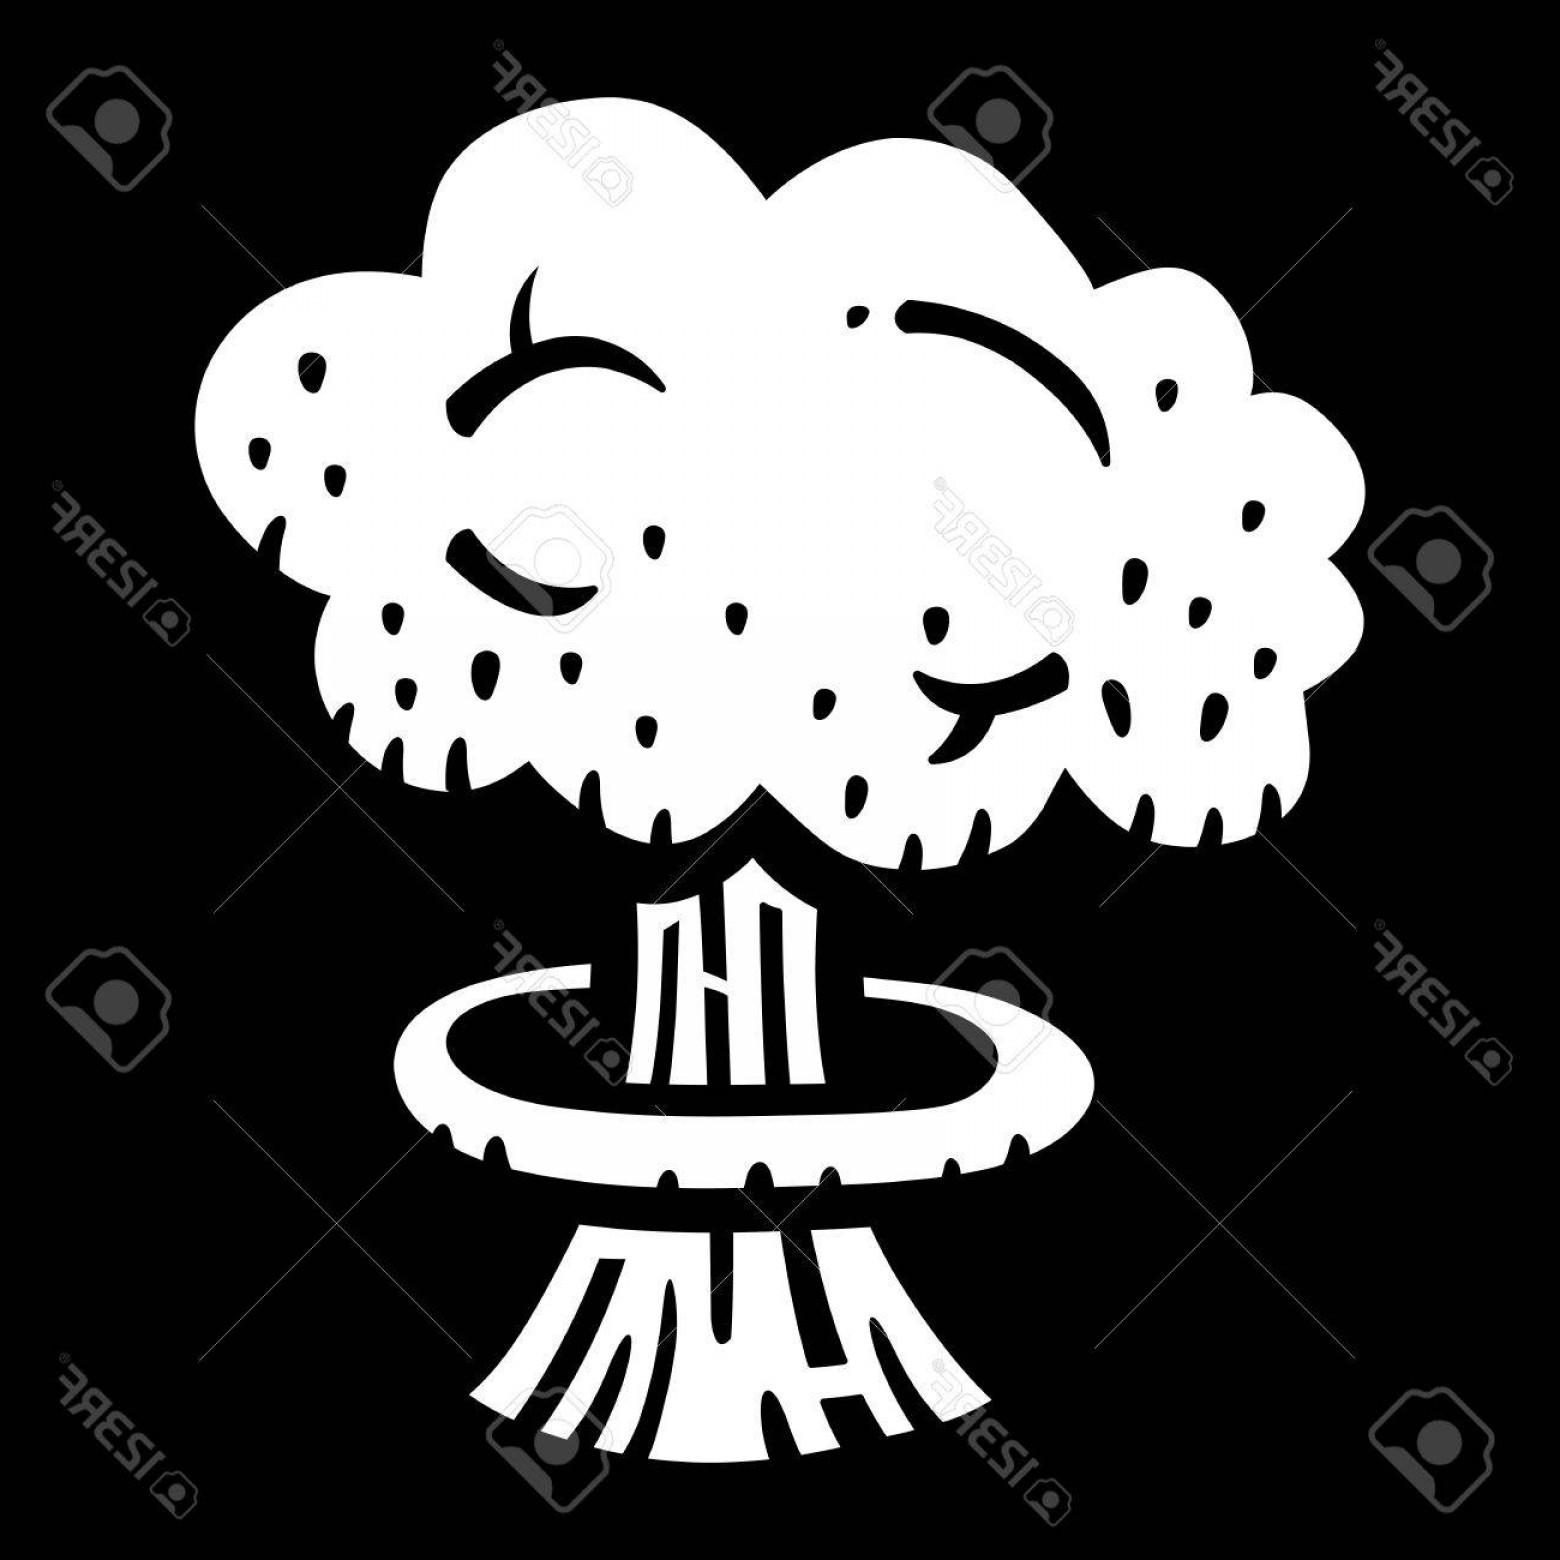 1560x1560 Photostock Vector Mushroom Cloud Atomic Nuclear Bomb Explosion